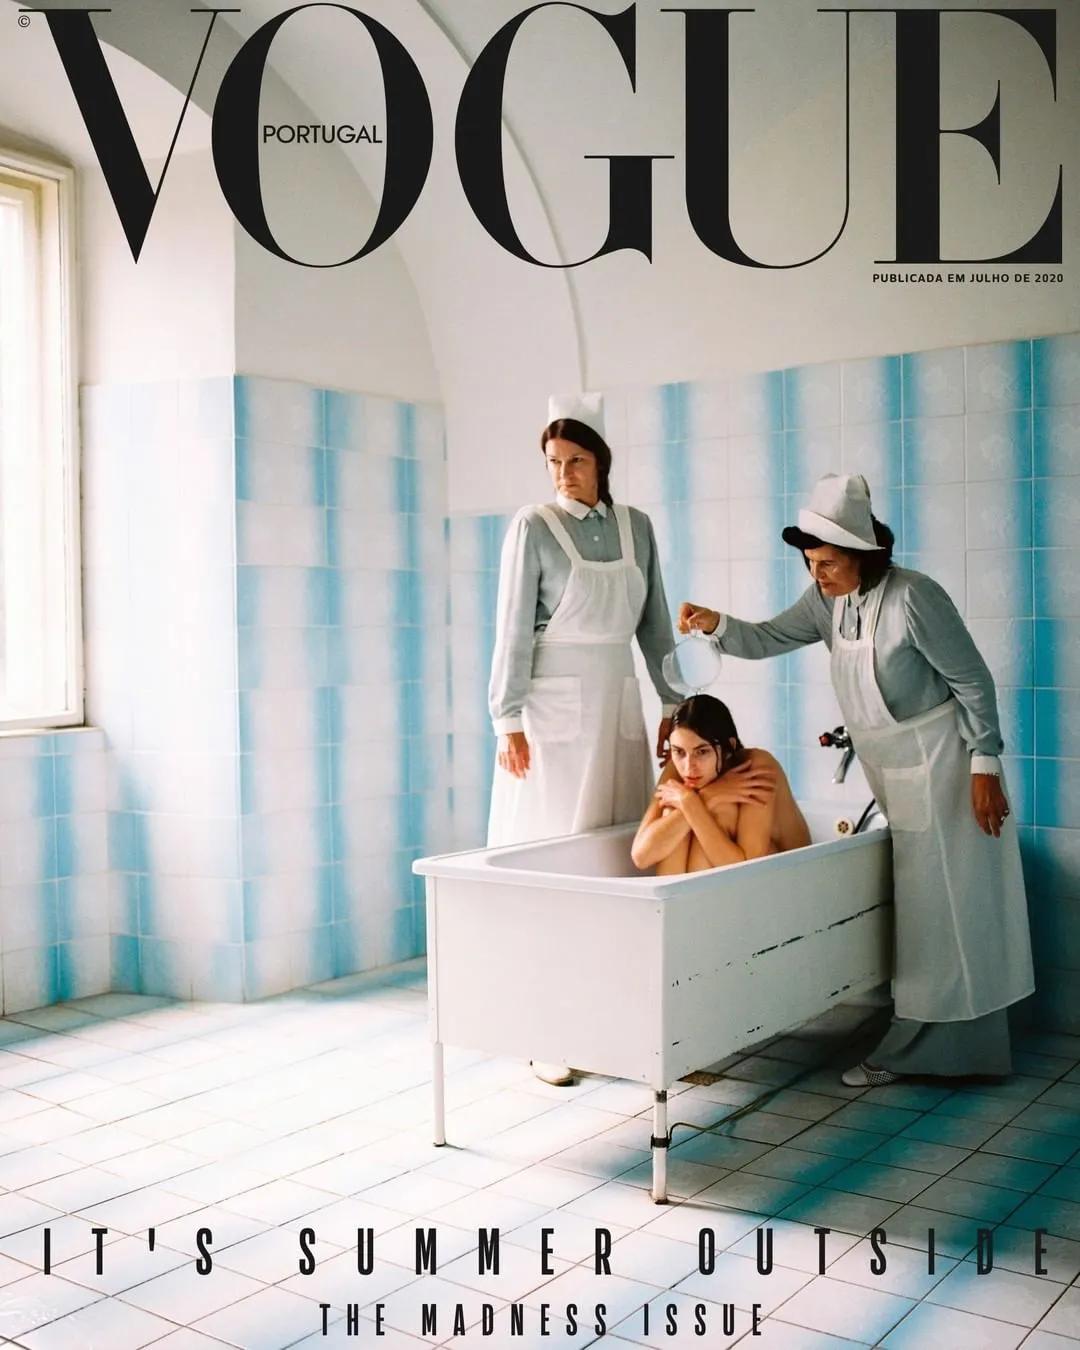 """葡萄牙版Vogue封面引争议 被批评""""将精神病塑造成美学"""""""